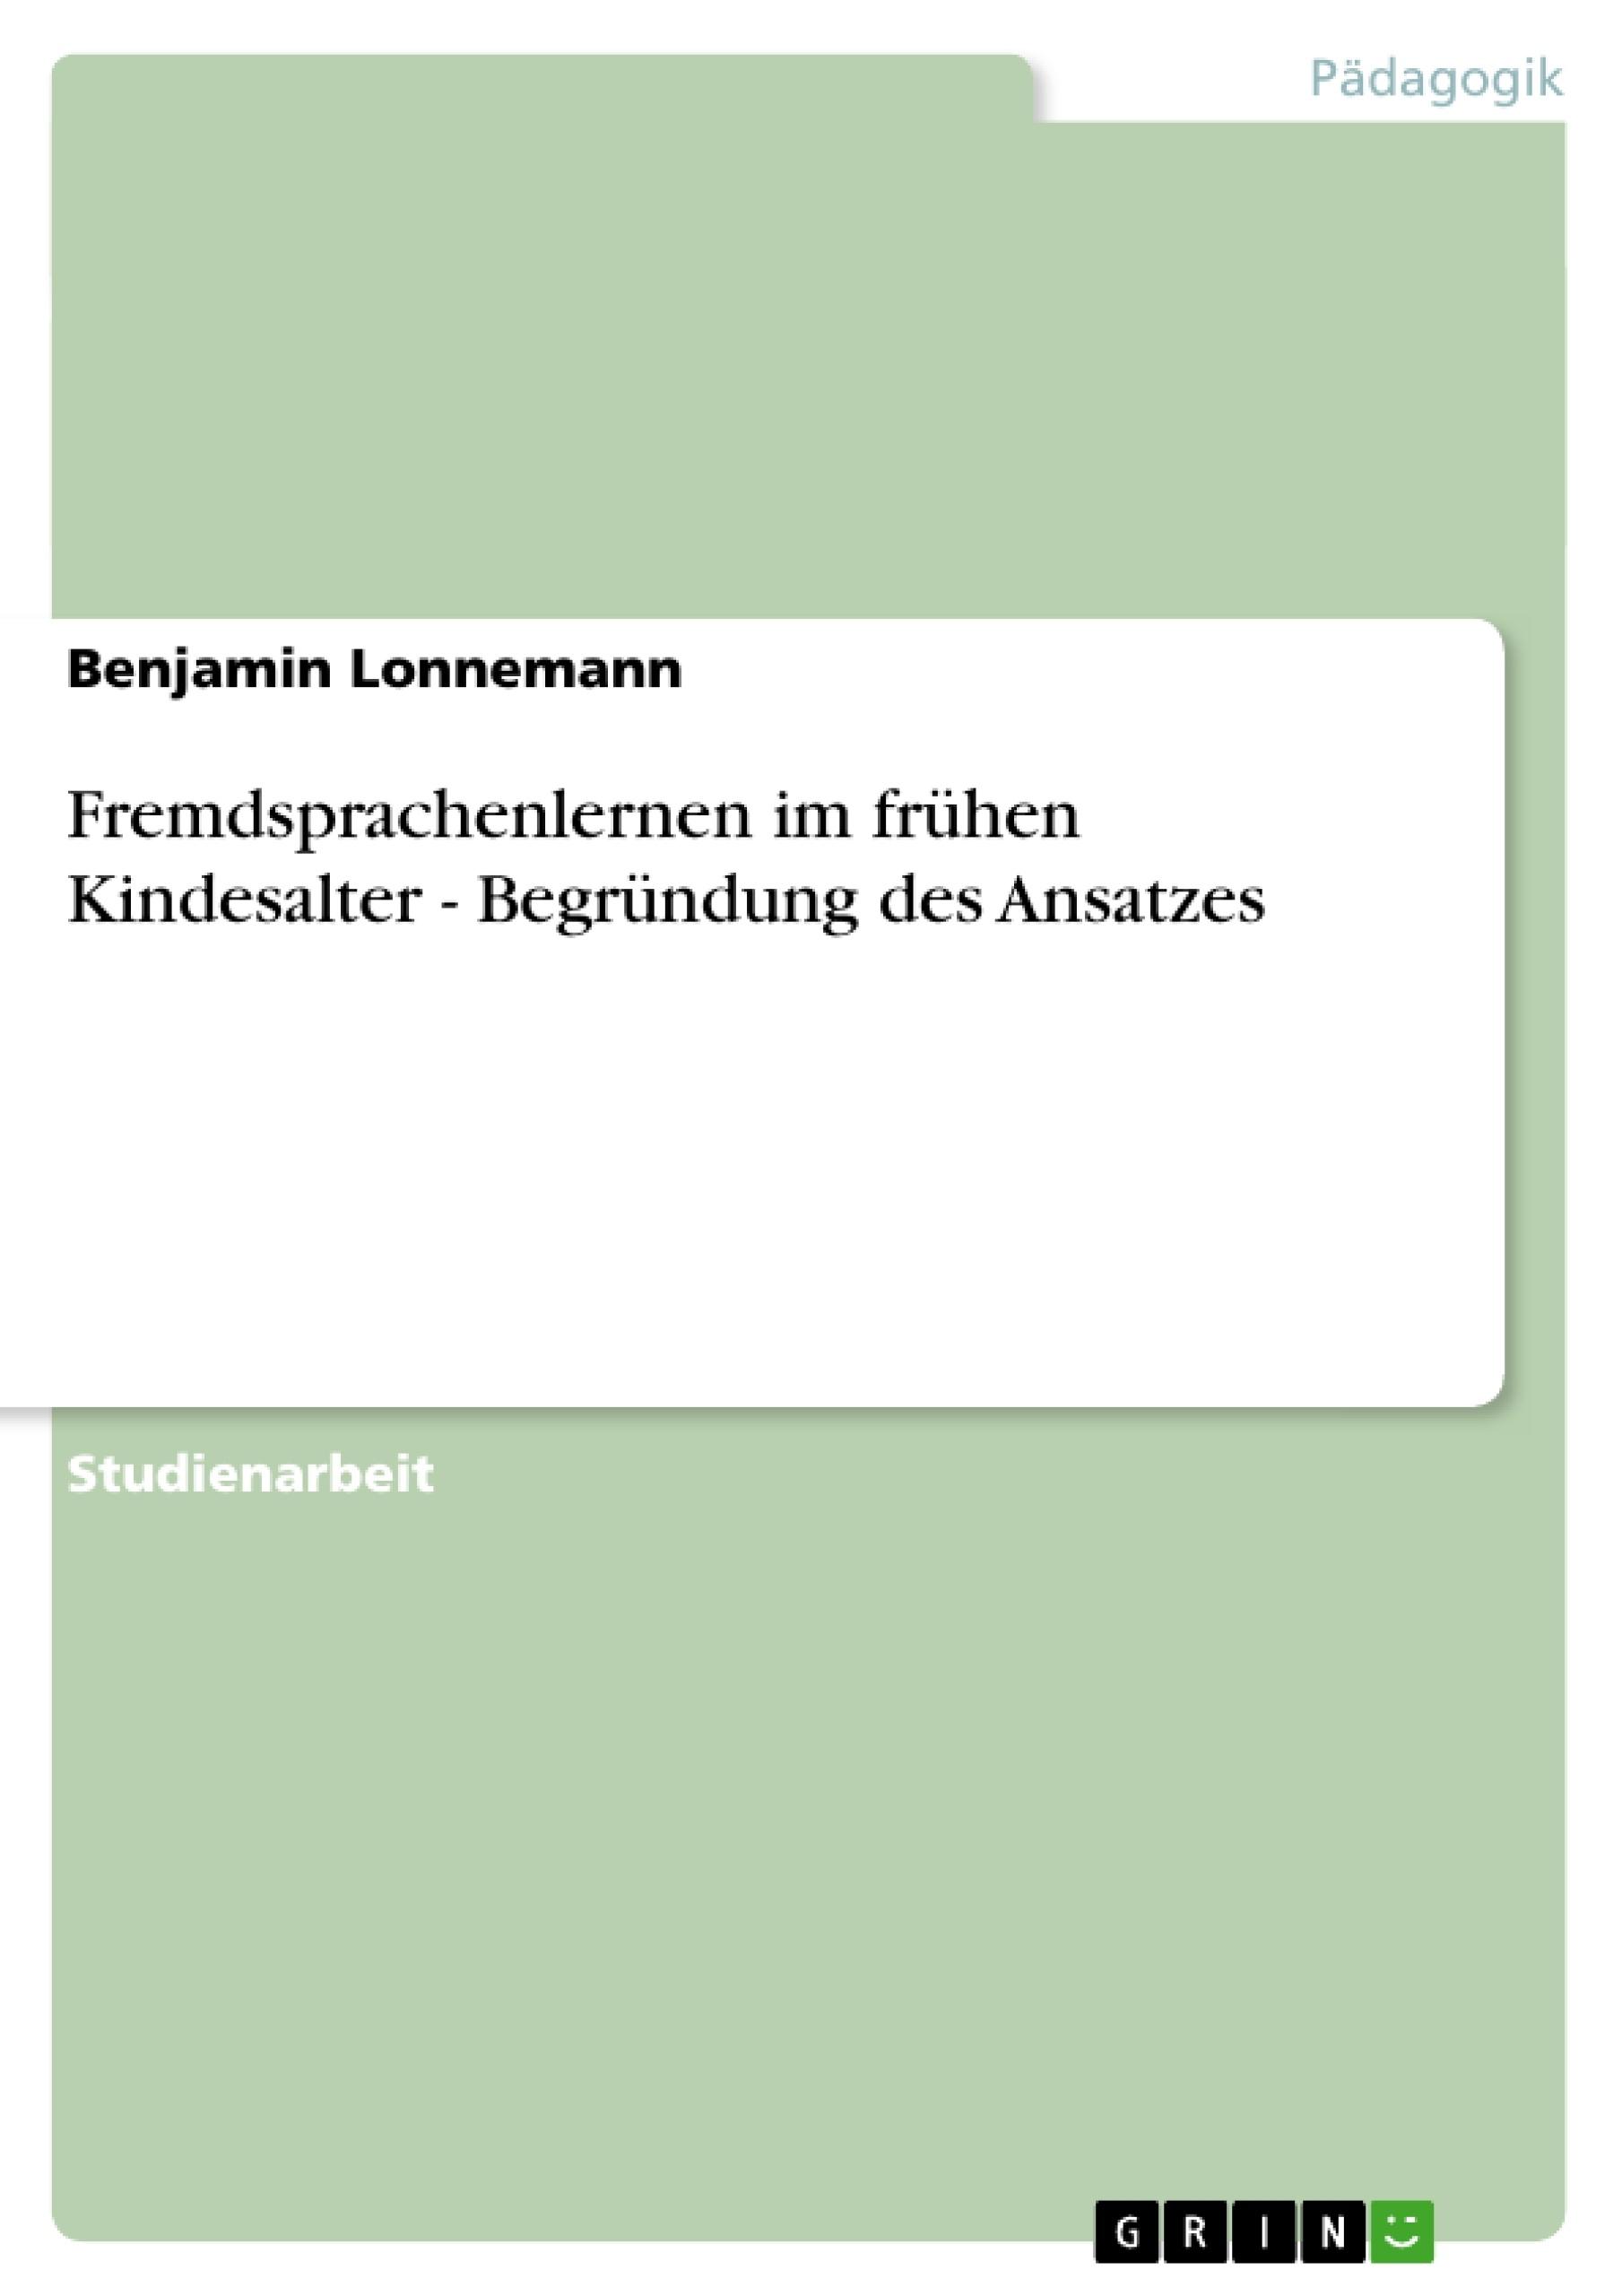 Titel: Fremdsprachenlernen im frühen Kindesalter - Begründung des Ansatzes